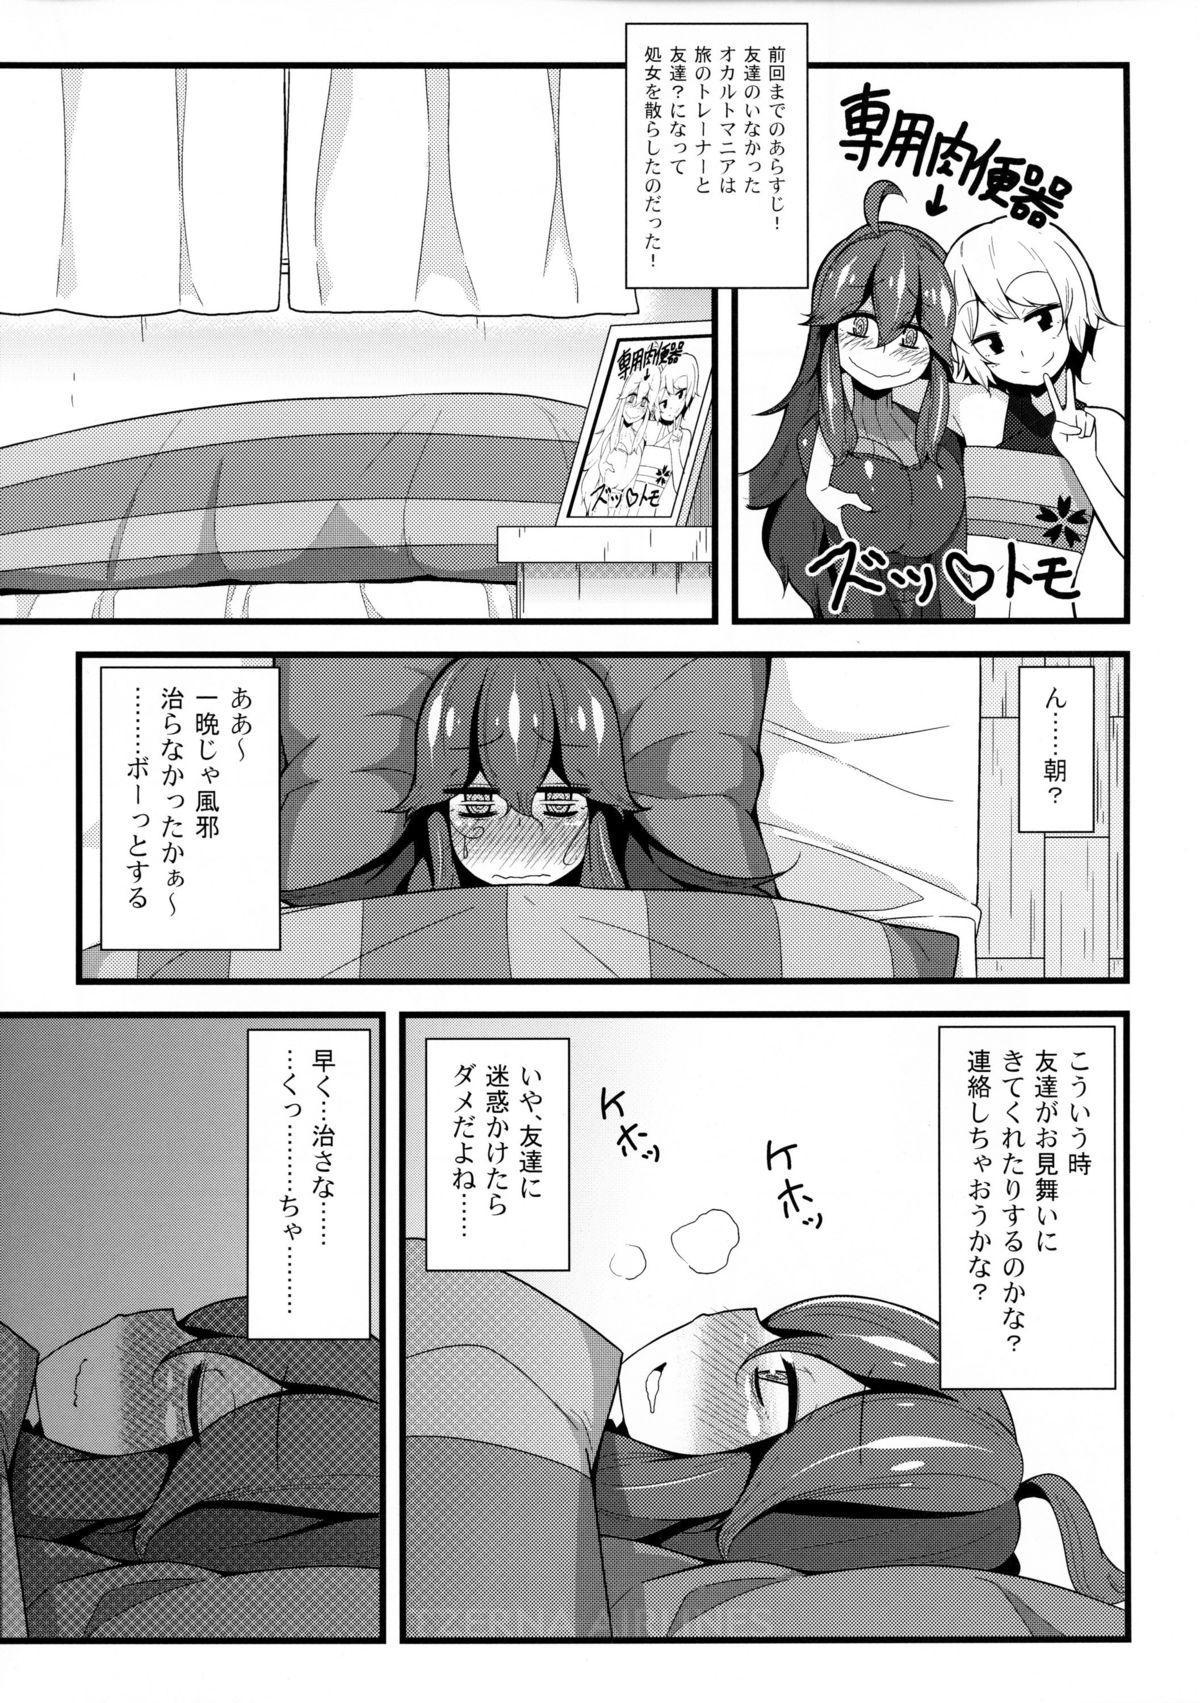 Tomodachi? Maniac 02 3